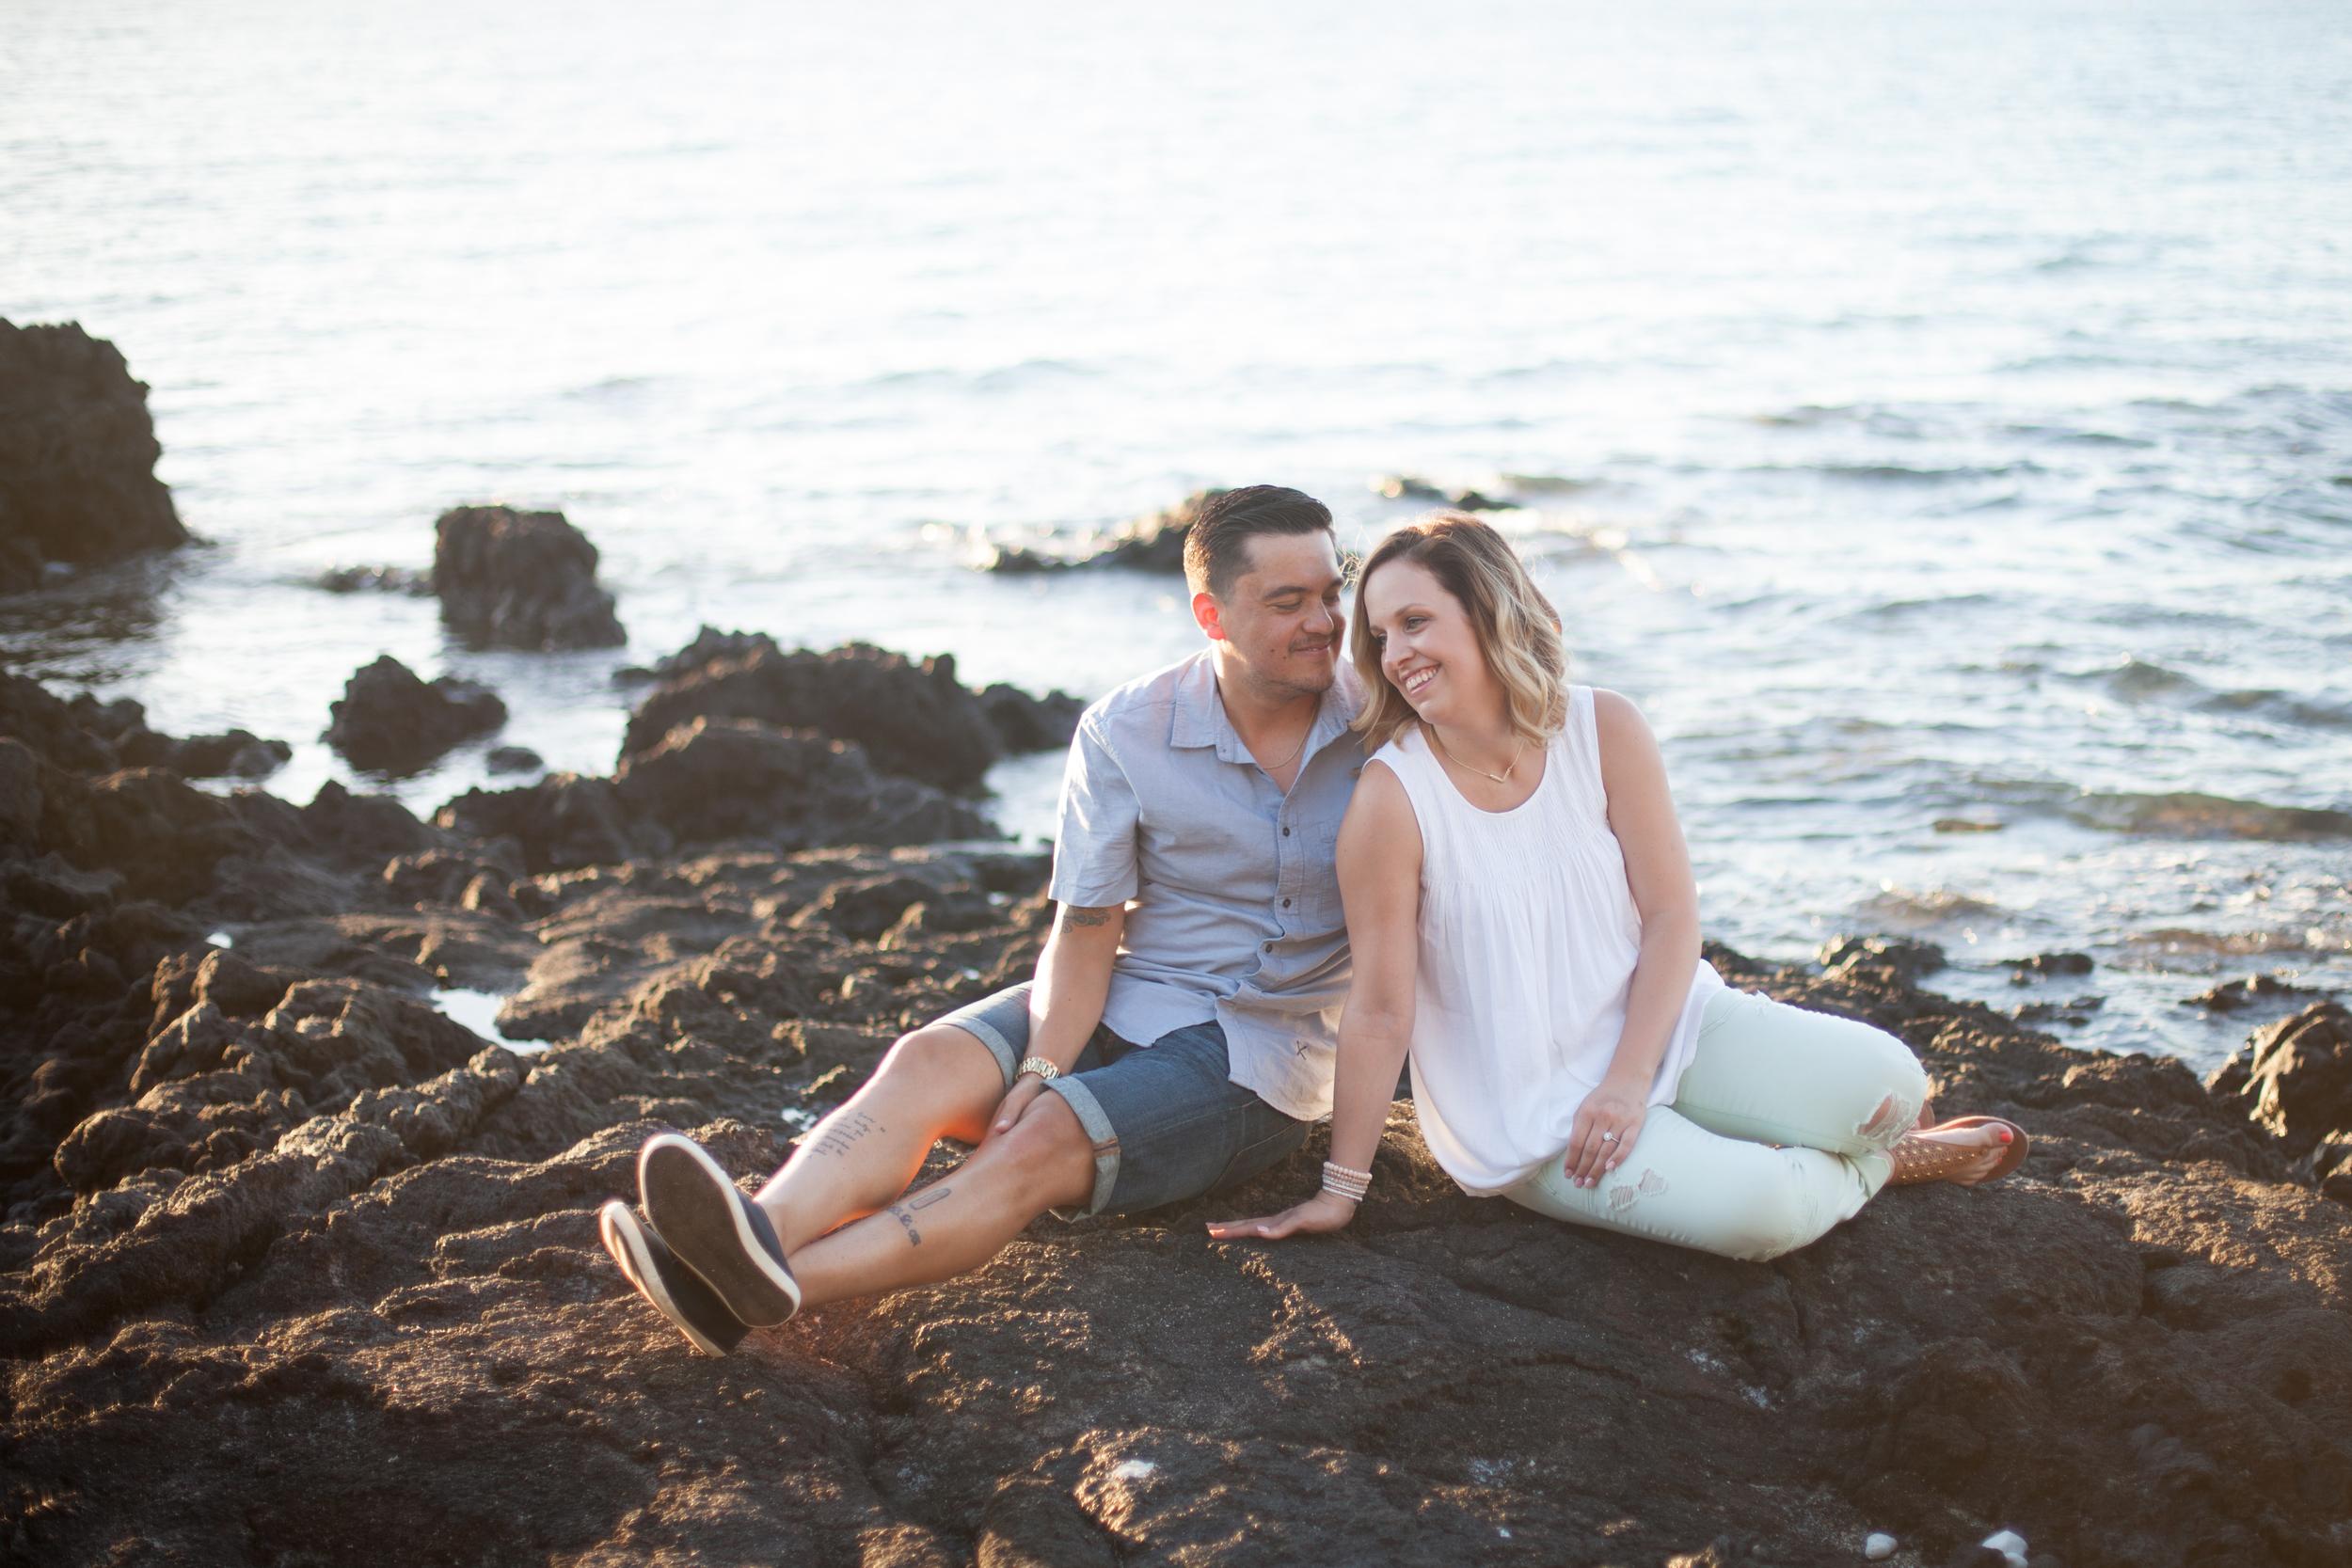 big island hawaii engagement photography 20150529182825-1.jpg